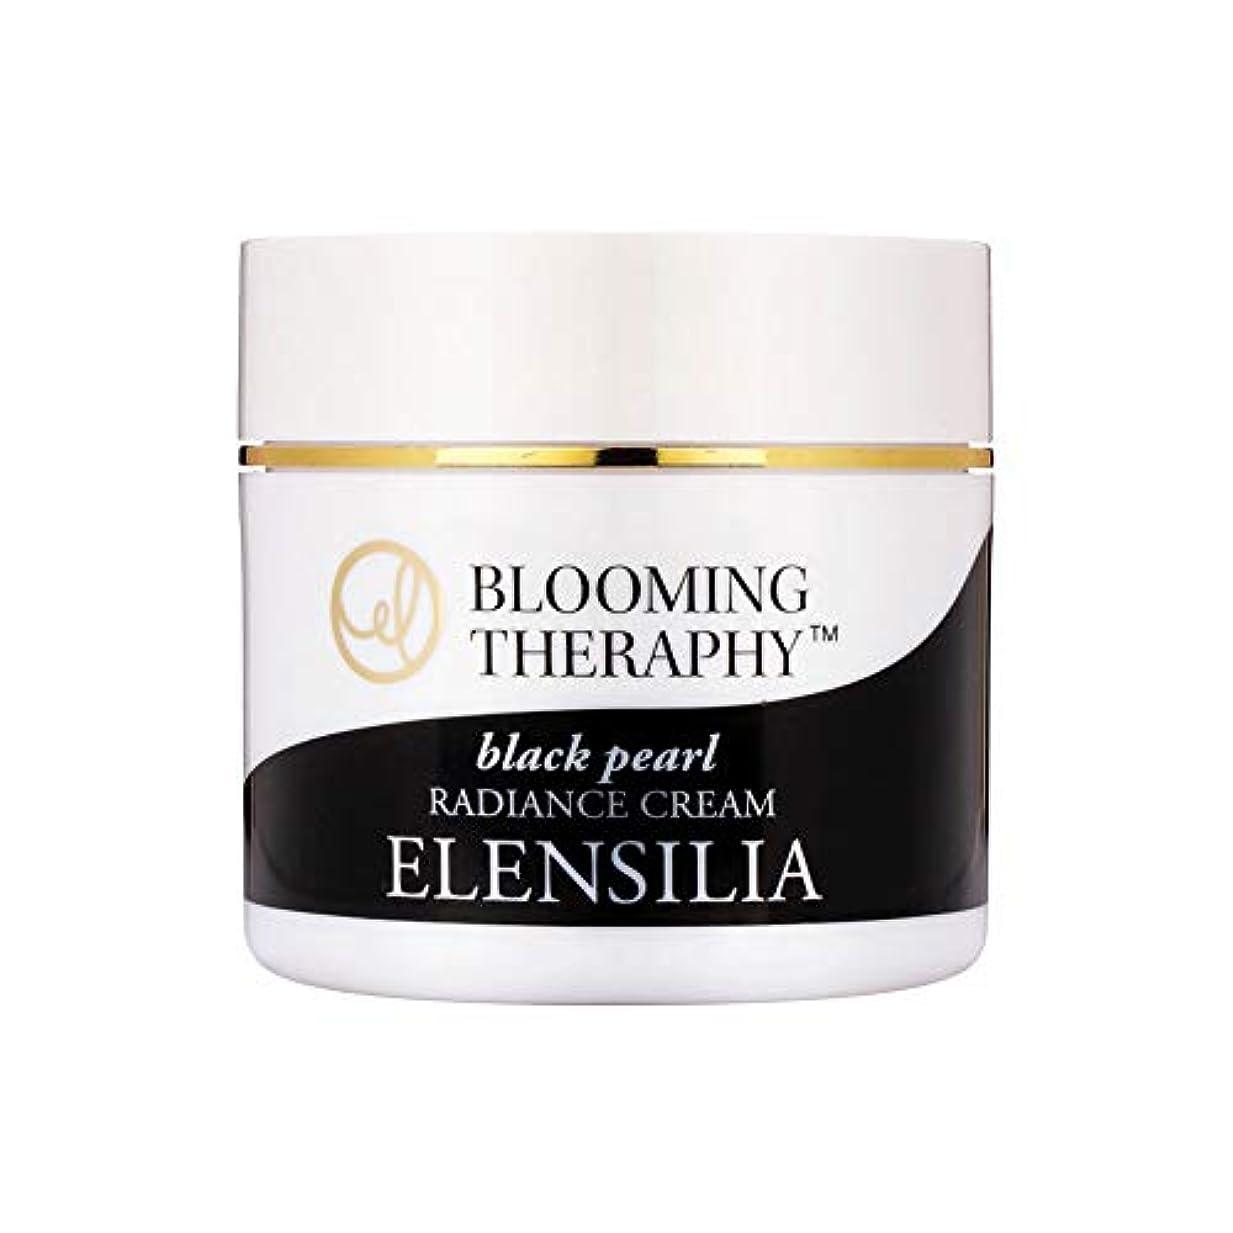 つまらないランチョン専門エルレンシルラElensilia 韓国コスメ ブルーミングセラピー黒真珠ラディアンスクリーム50g 海外直送品 Blooming Theraphy Black Pearl Radiance Cream [並行輸入品]